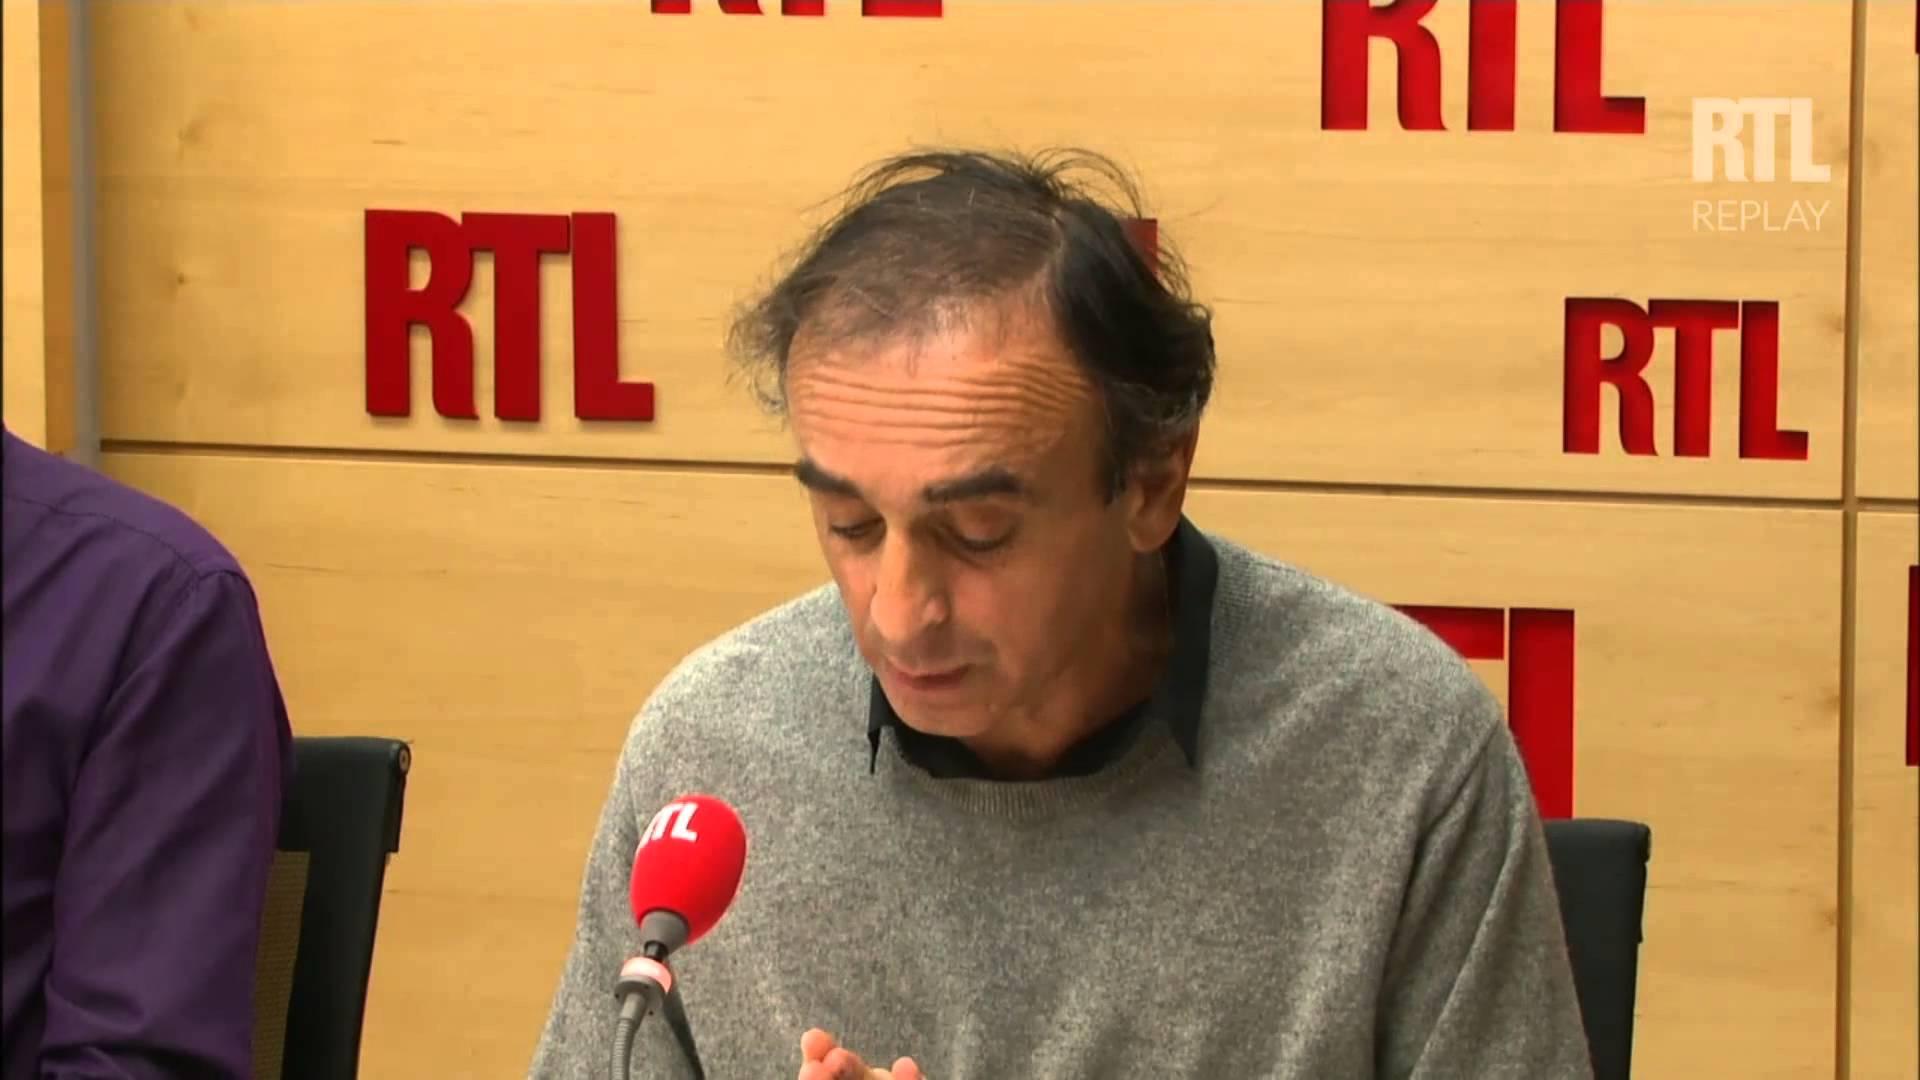 Attentats à Paris : Où Est Donc La Vraie Solidarité Européenne ?